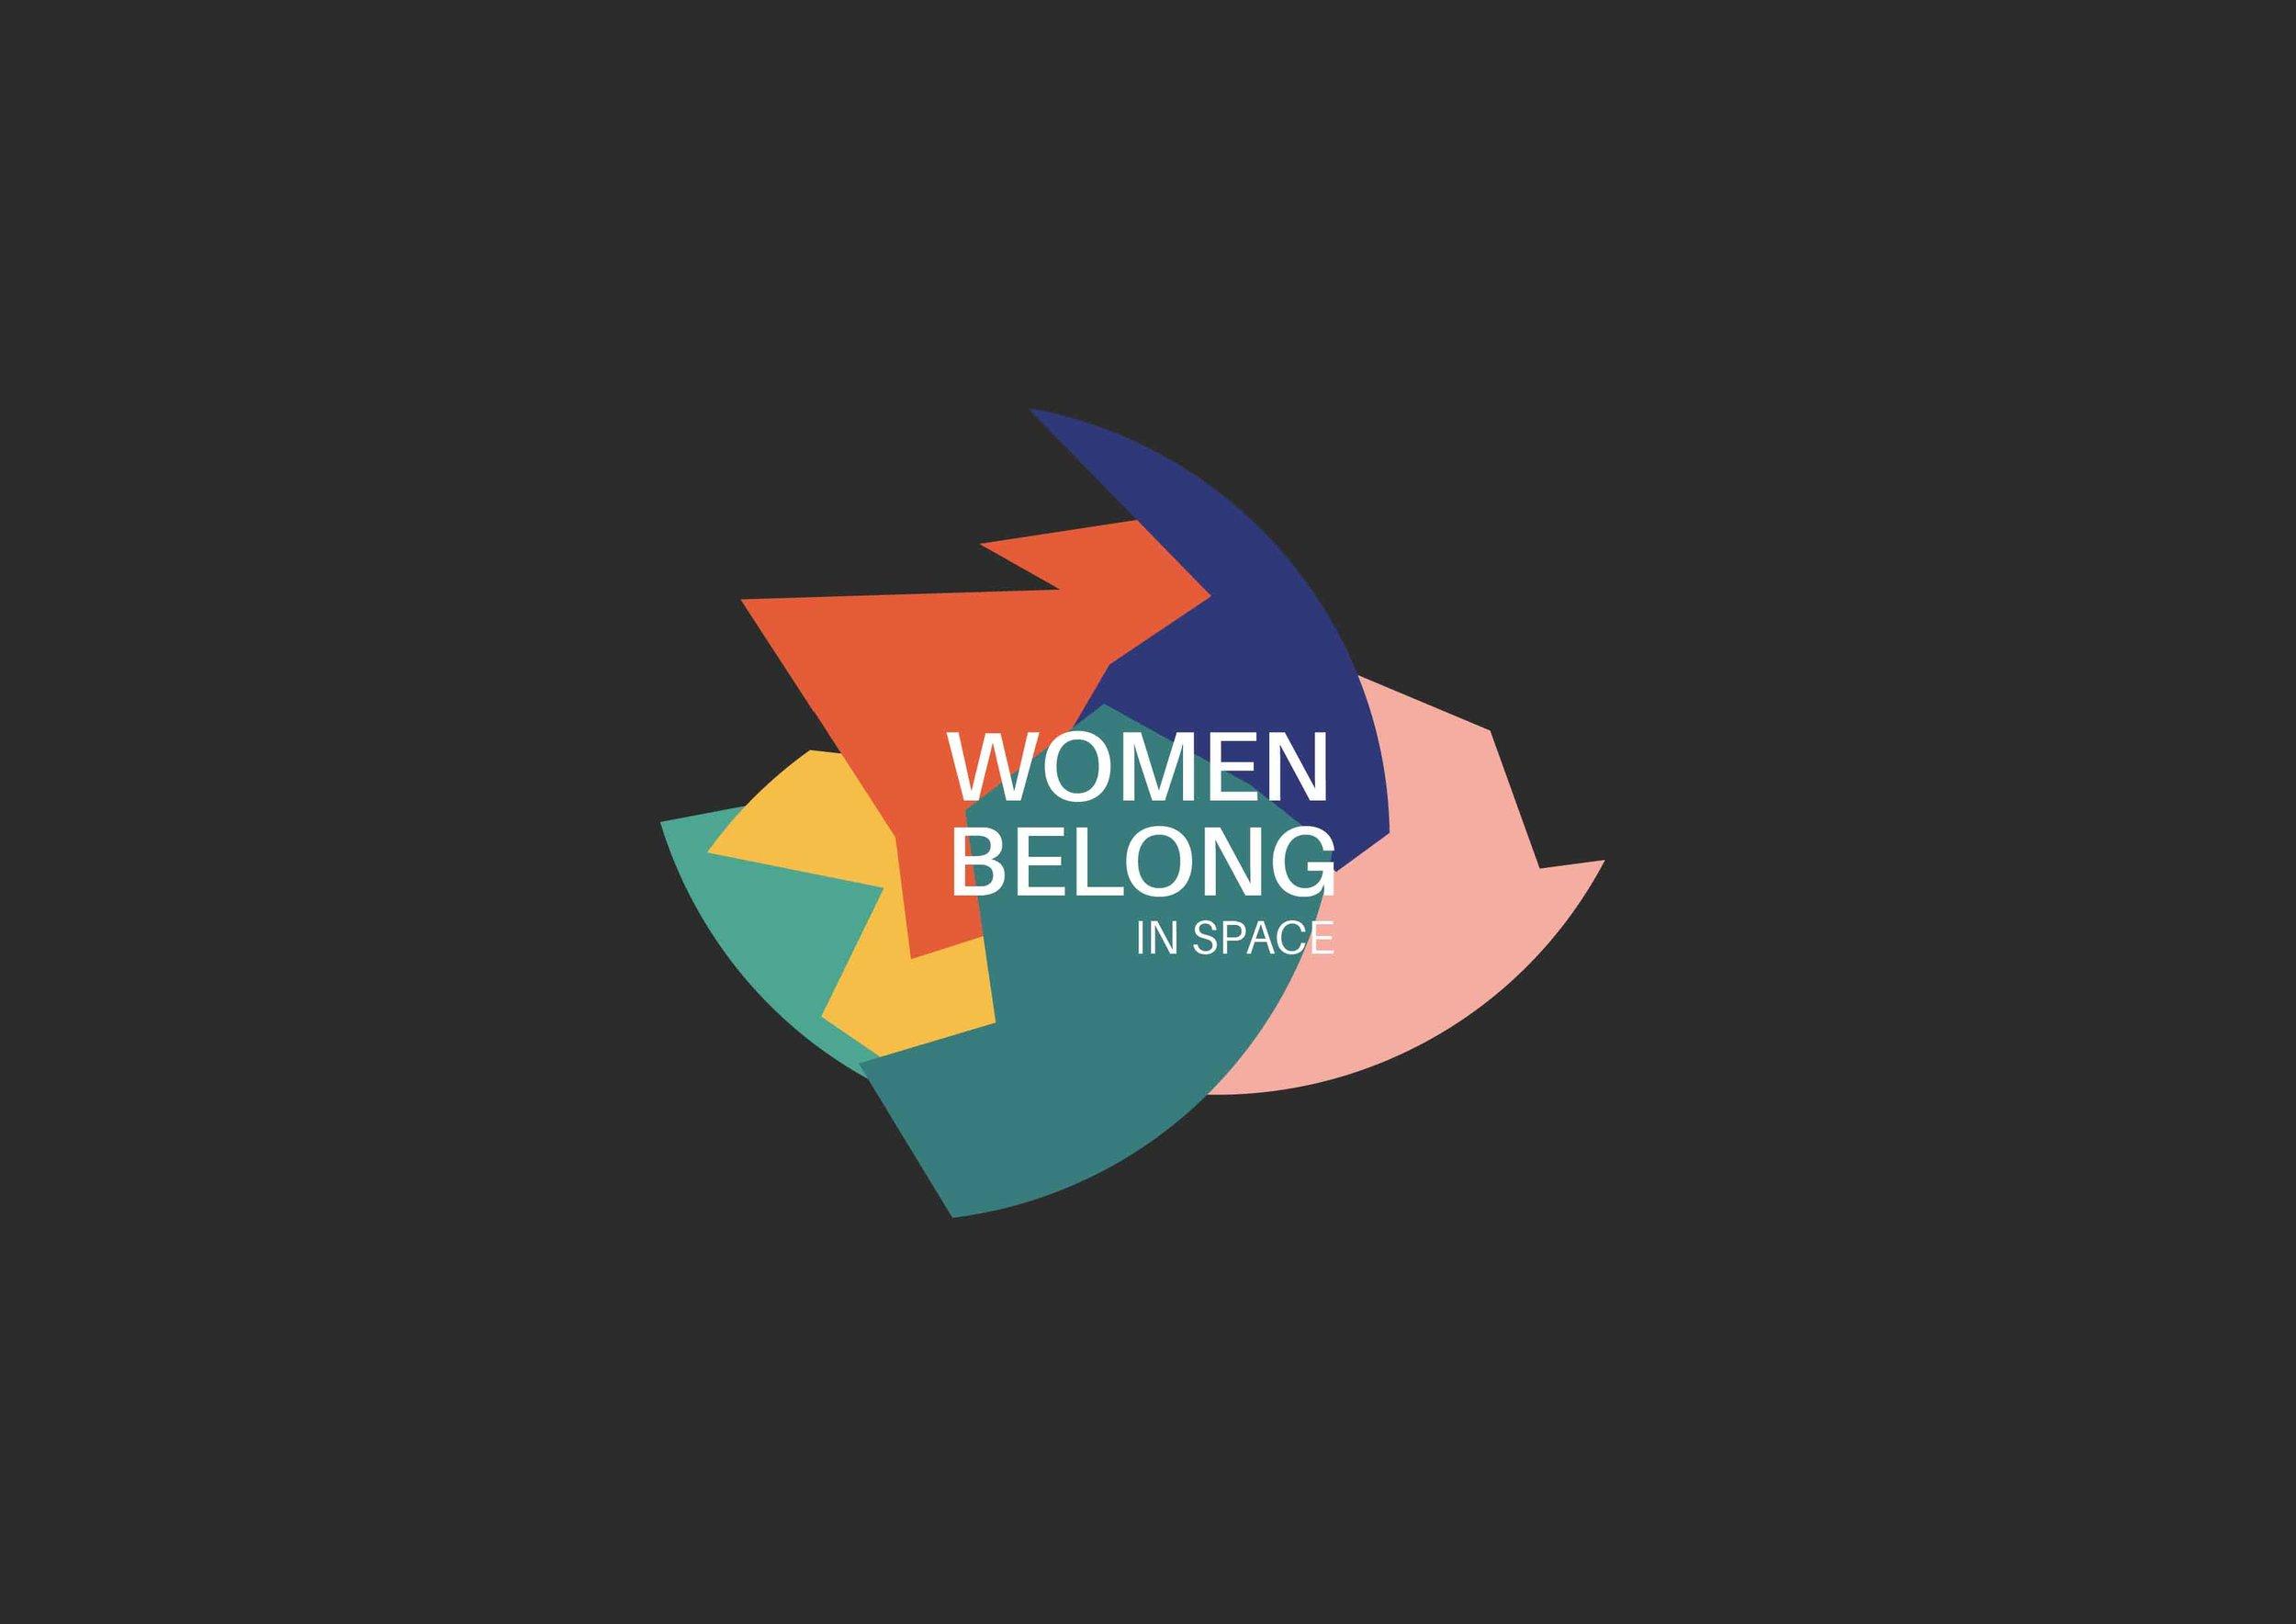 womenbelonginspace-01.png